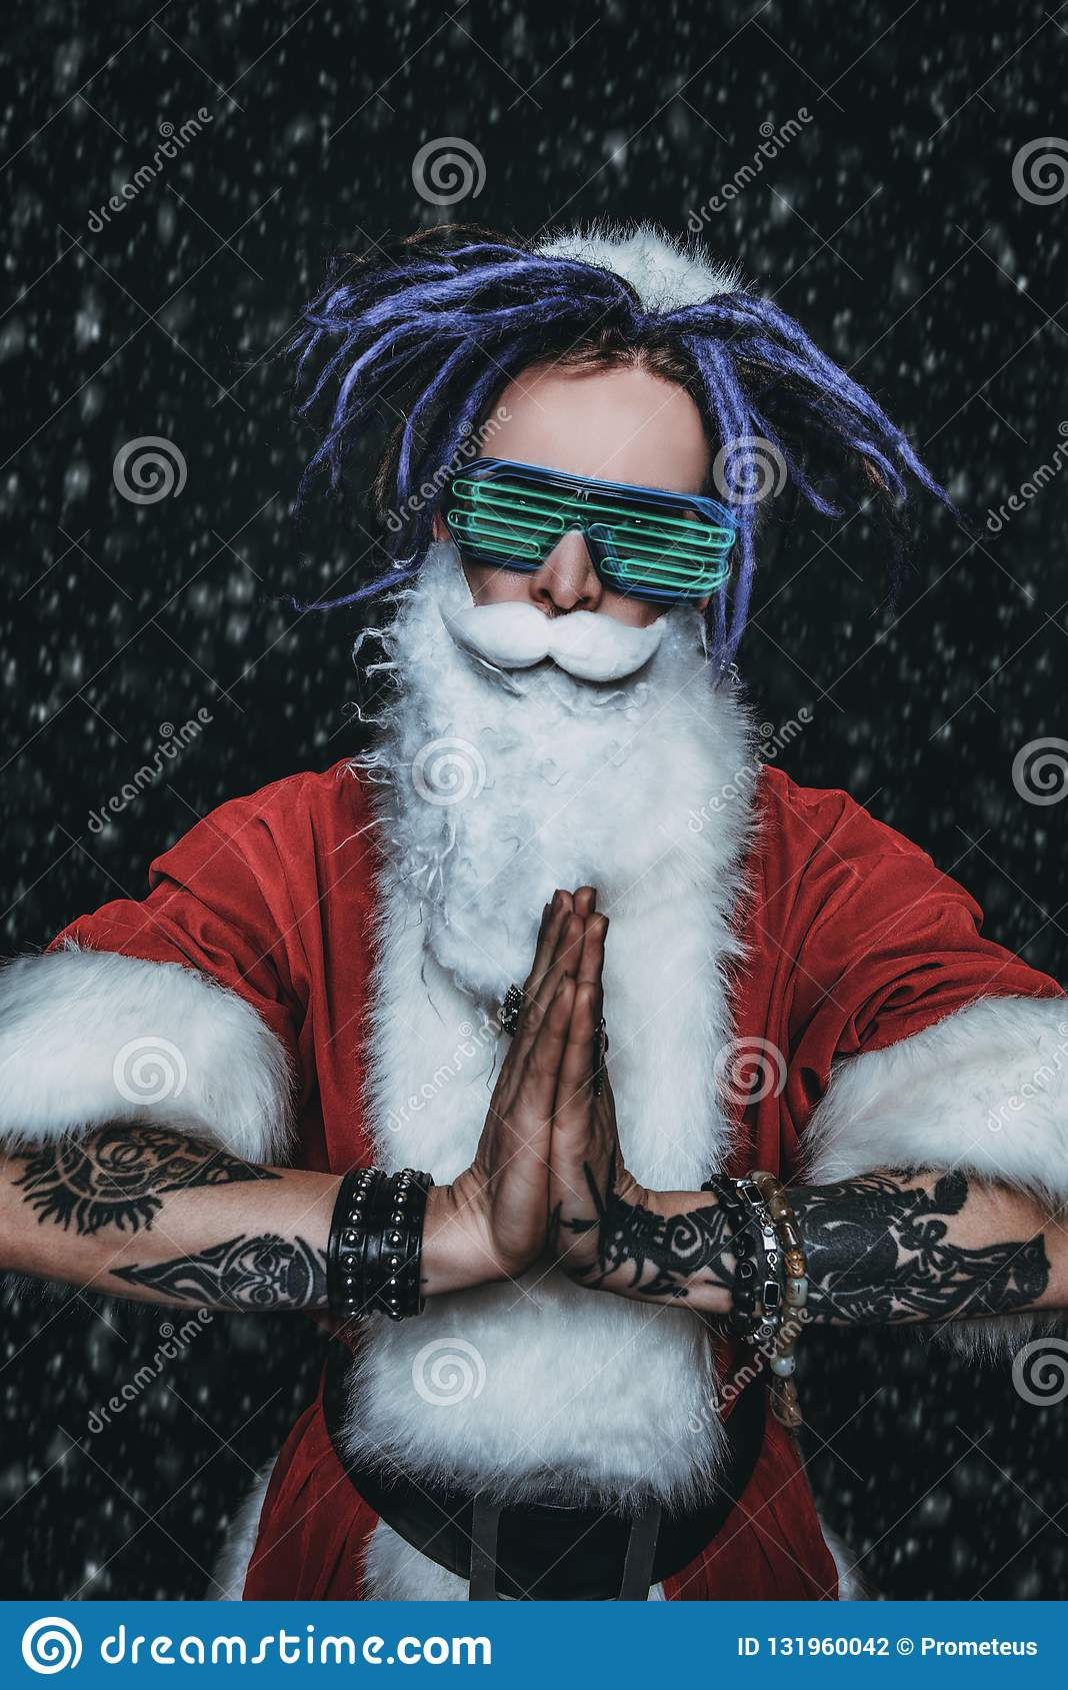 Santa in luminous glasses